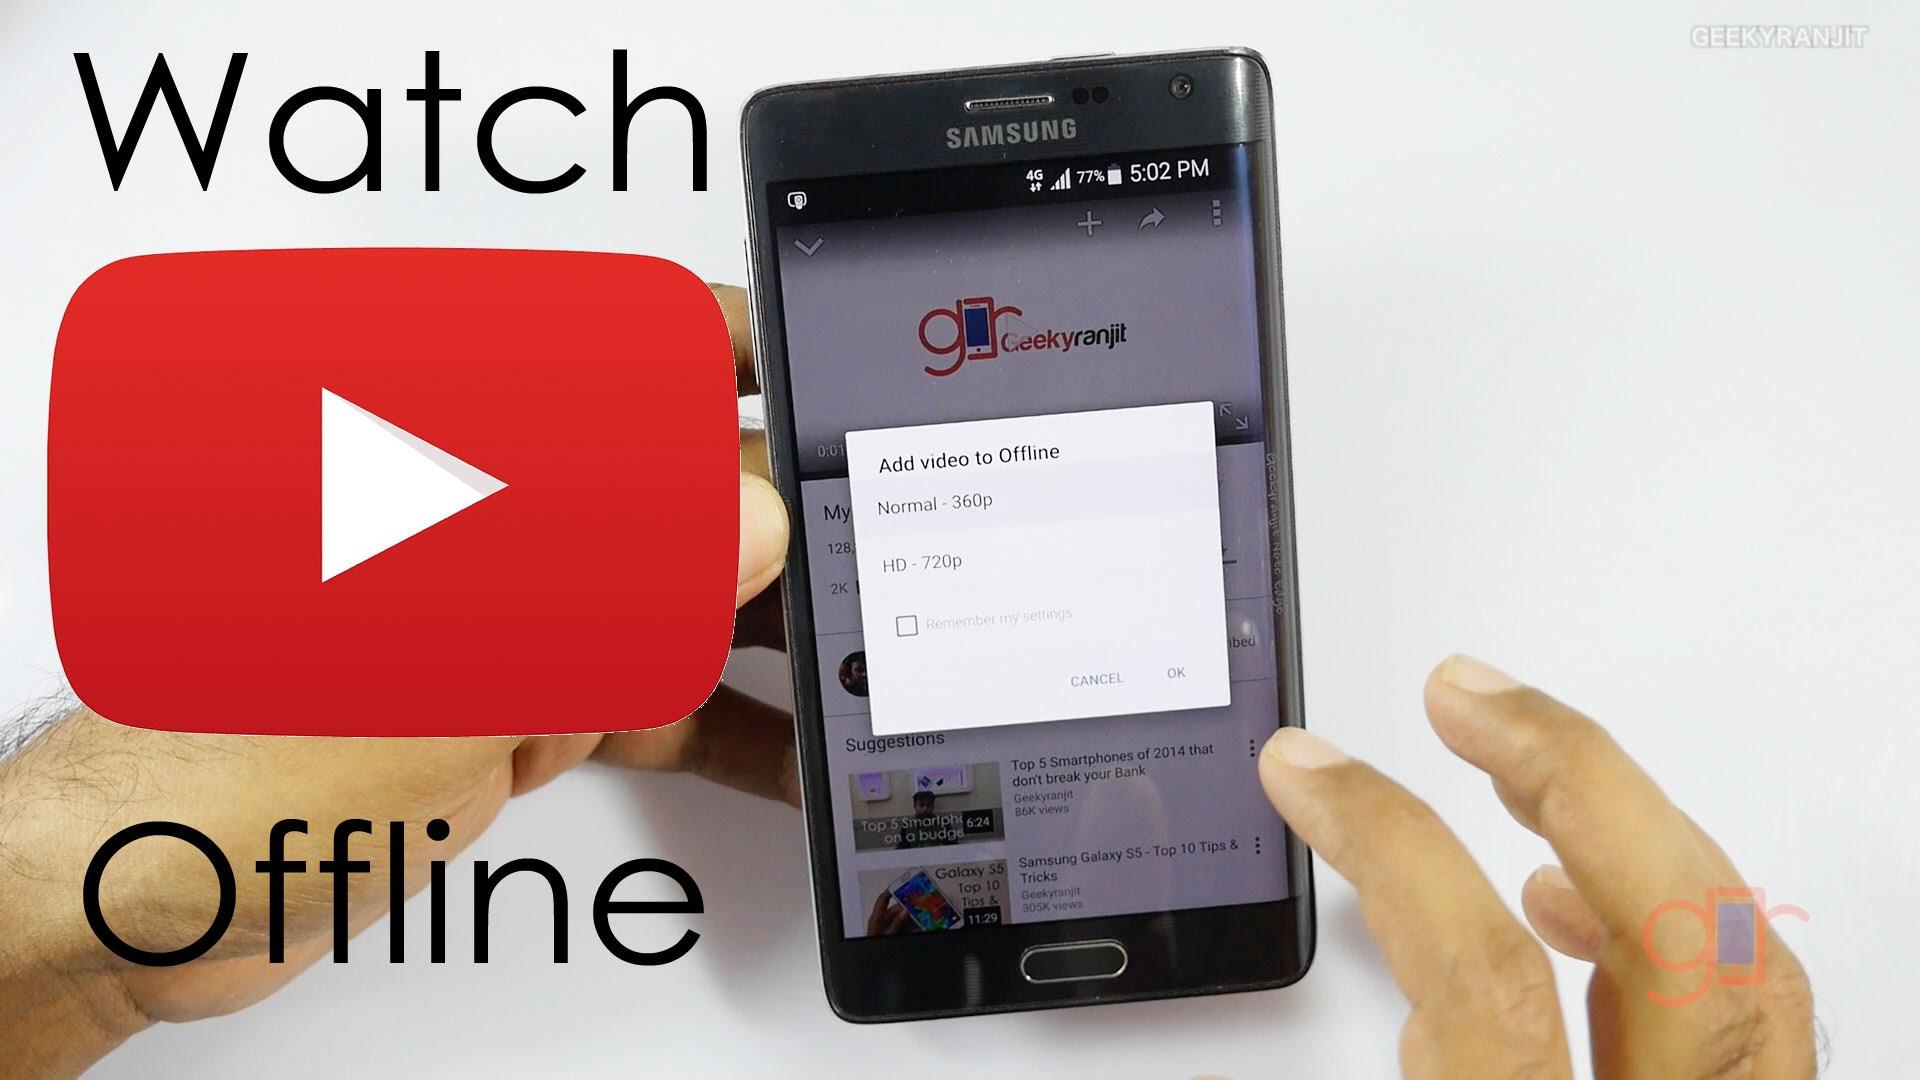 يوتيوب للمصريين: شاهدوا الفيديو بدون إنترنت